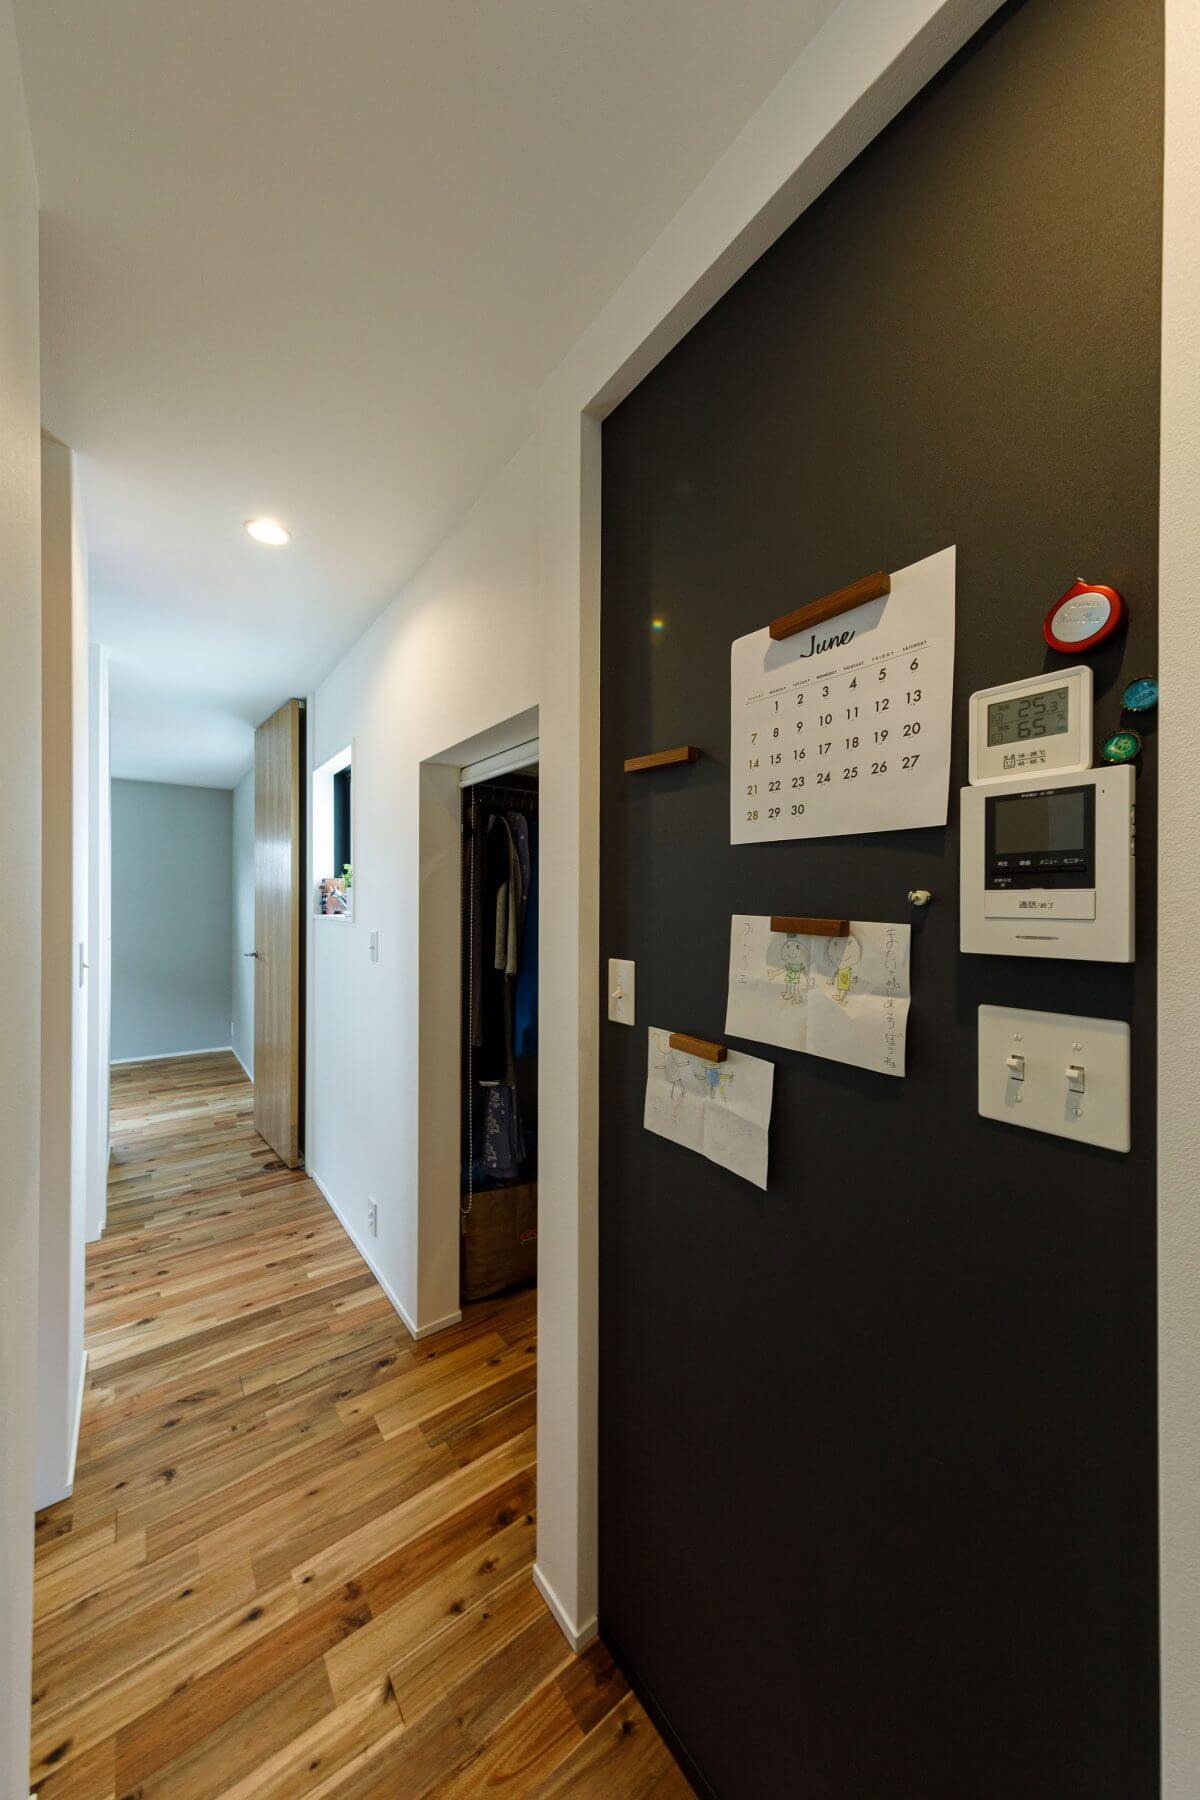 2階の廊下にはマグネットボードを設置。カレンダーや重要な書類などをここに。いつも目にする場所なので、夫婦の連絡ごとや、将来、子どもへのメッセージボードとして使用できます。奥に見えるのは、将来の子ども部屋です。